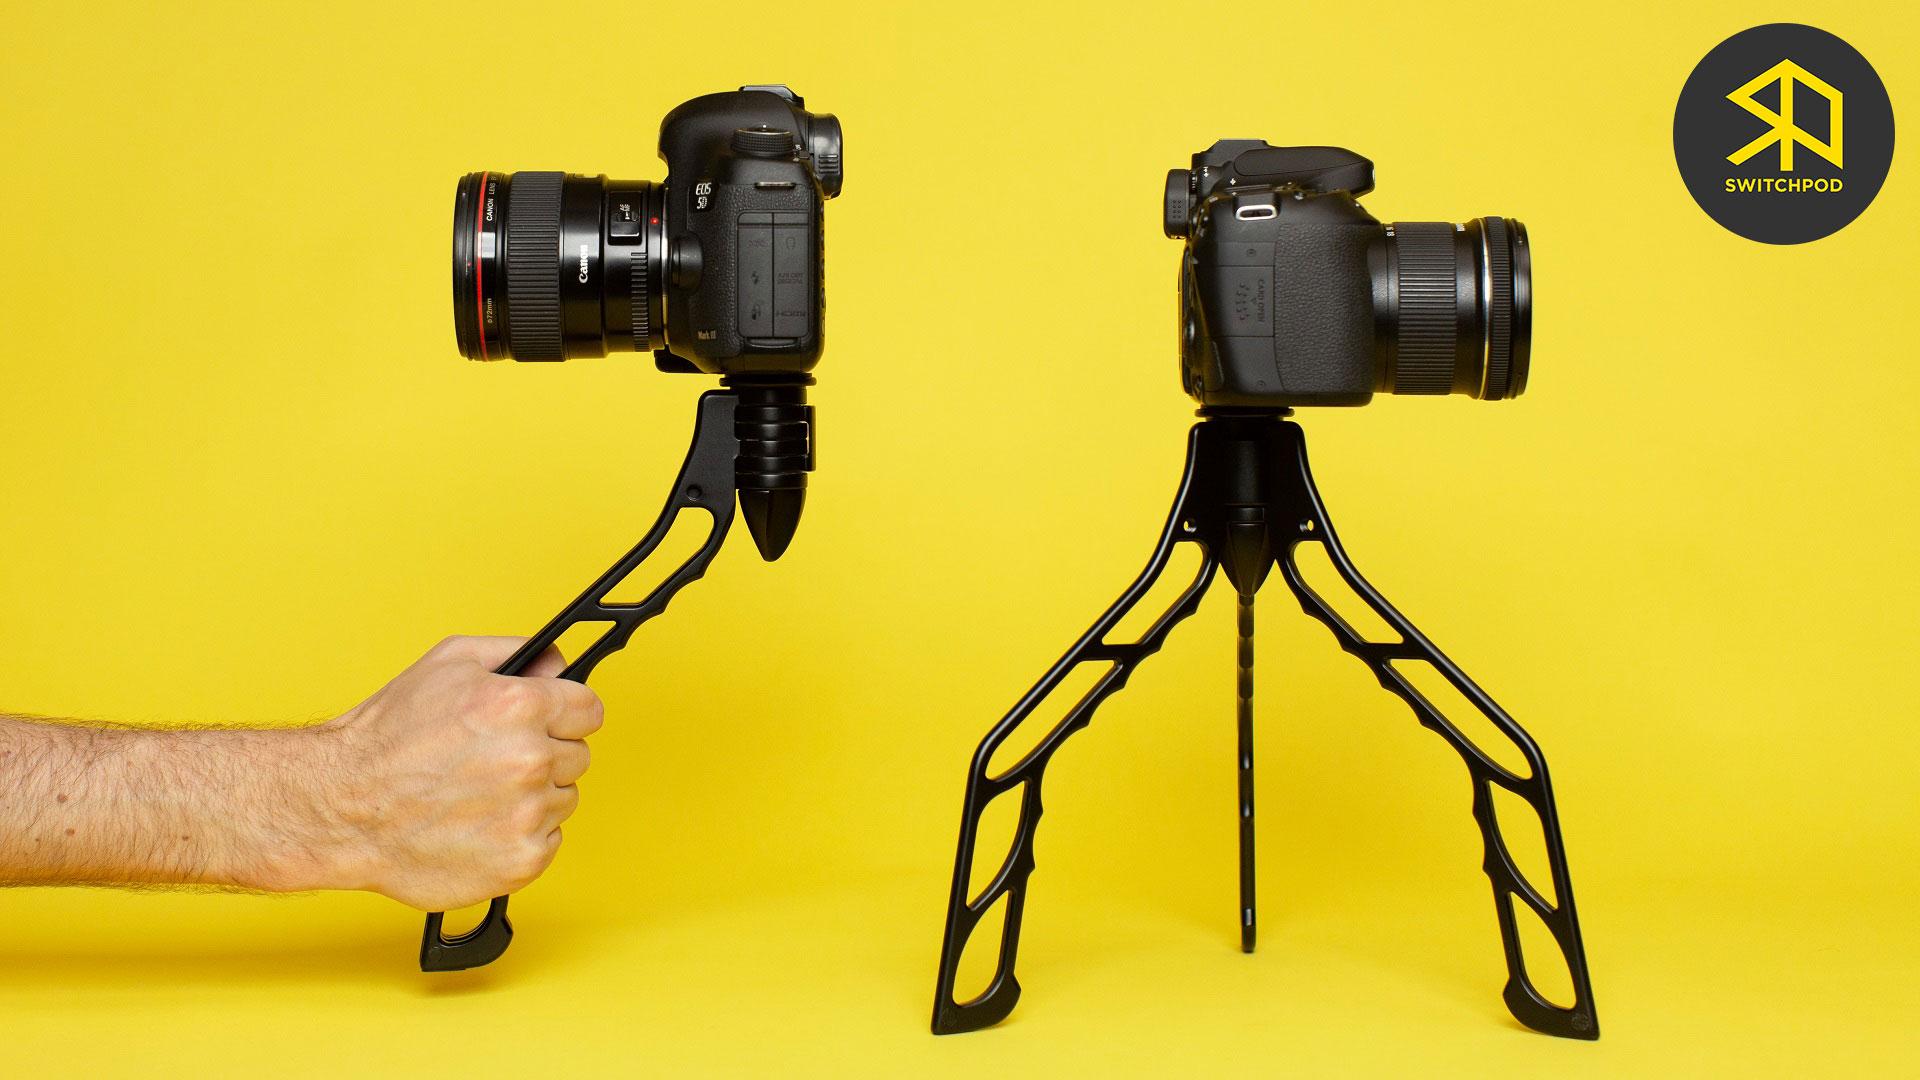 SwitchPod – Nuevo trípode diseñado para Vloggers